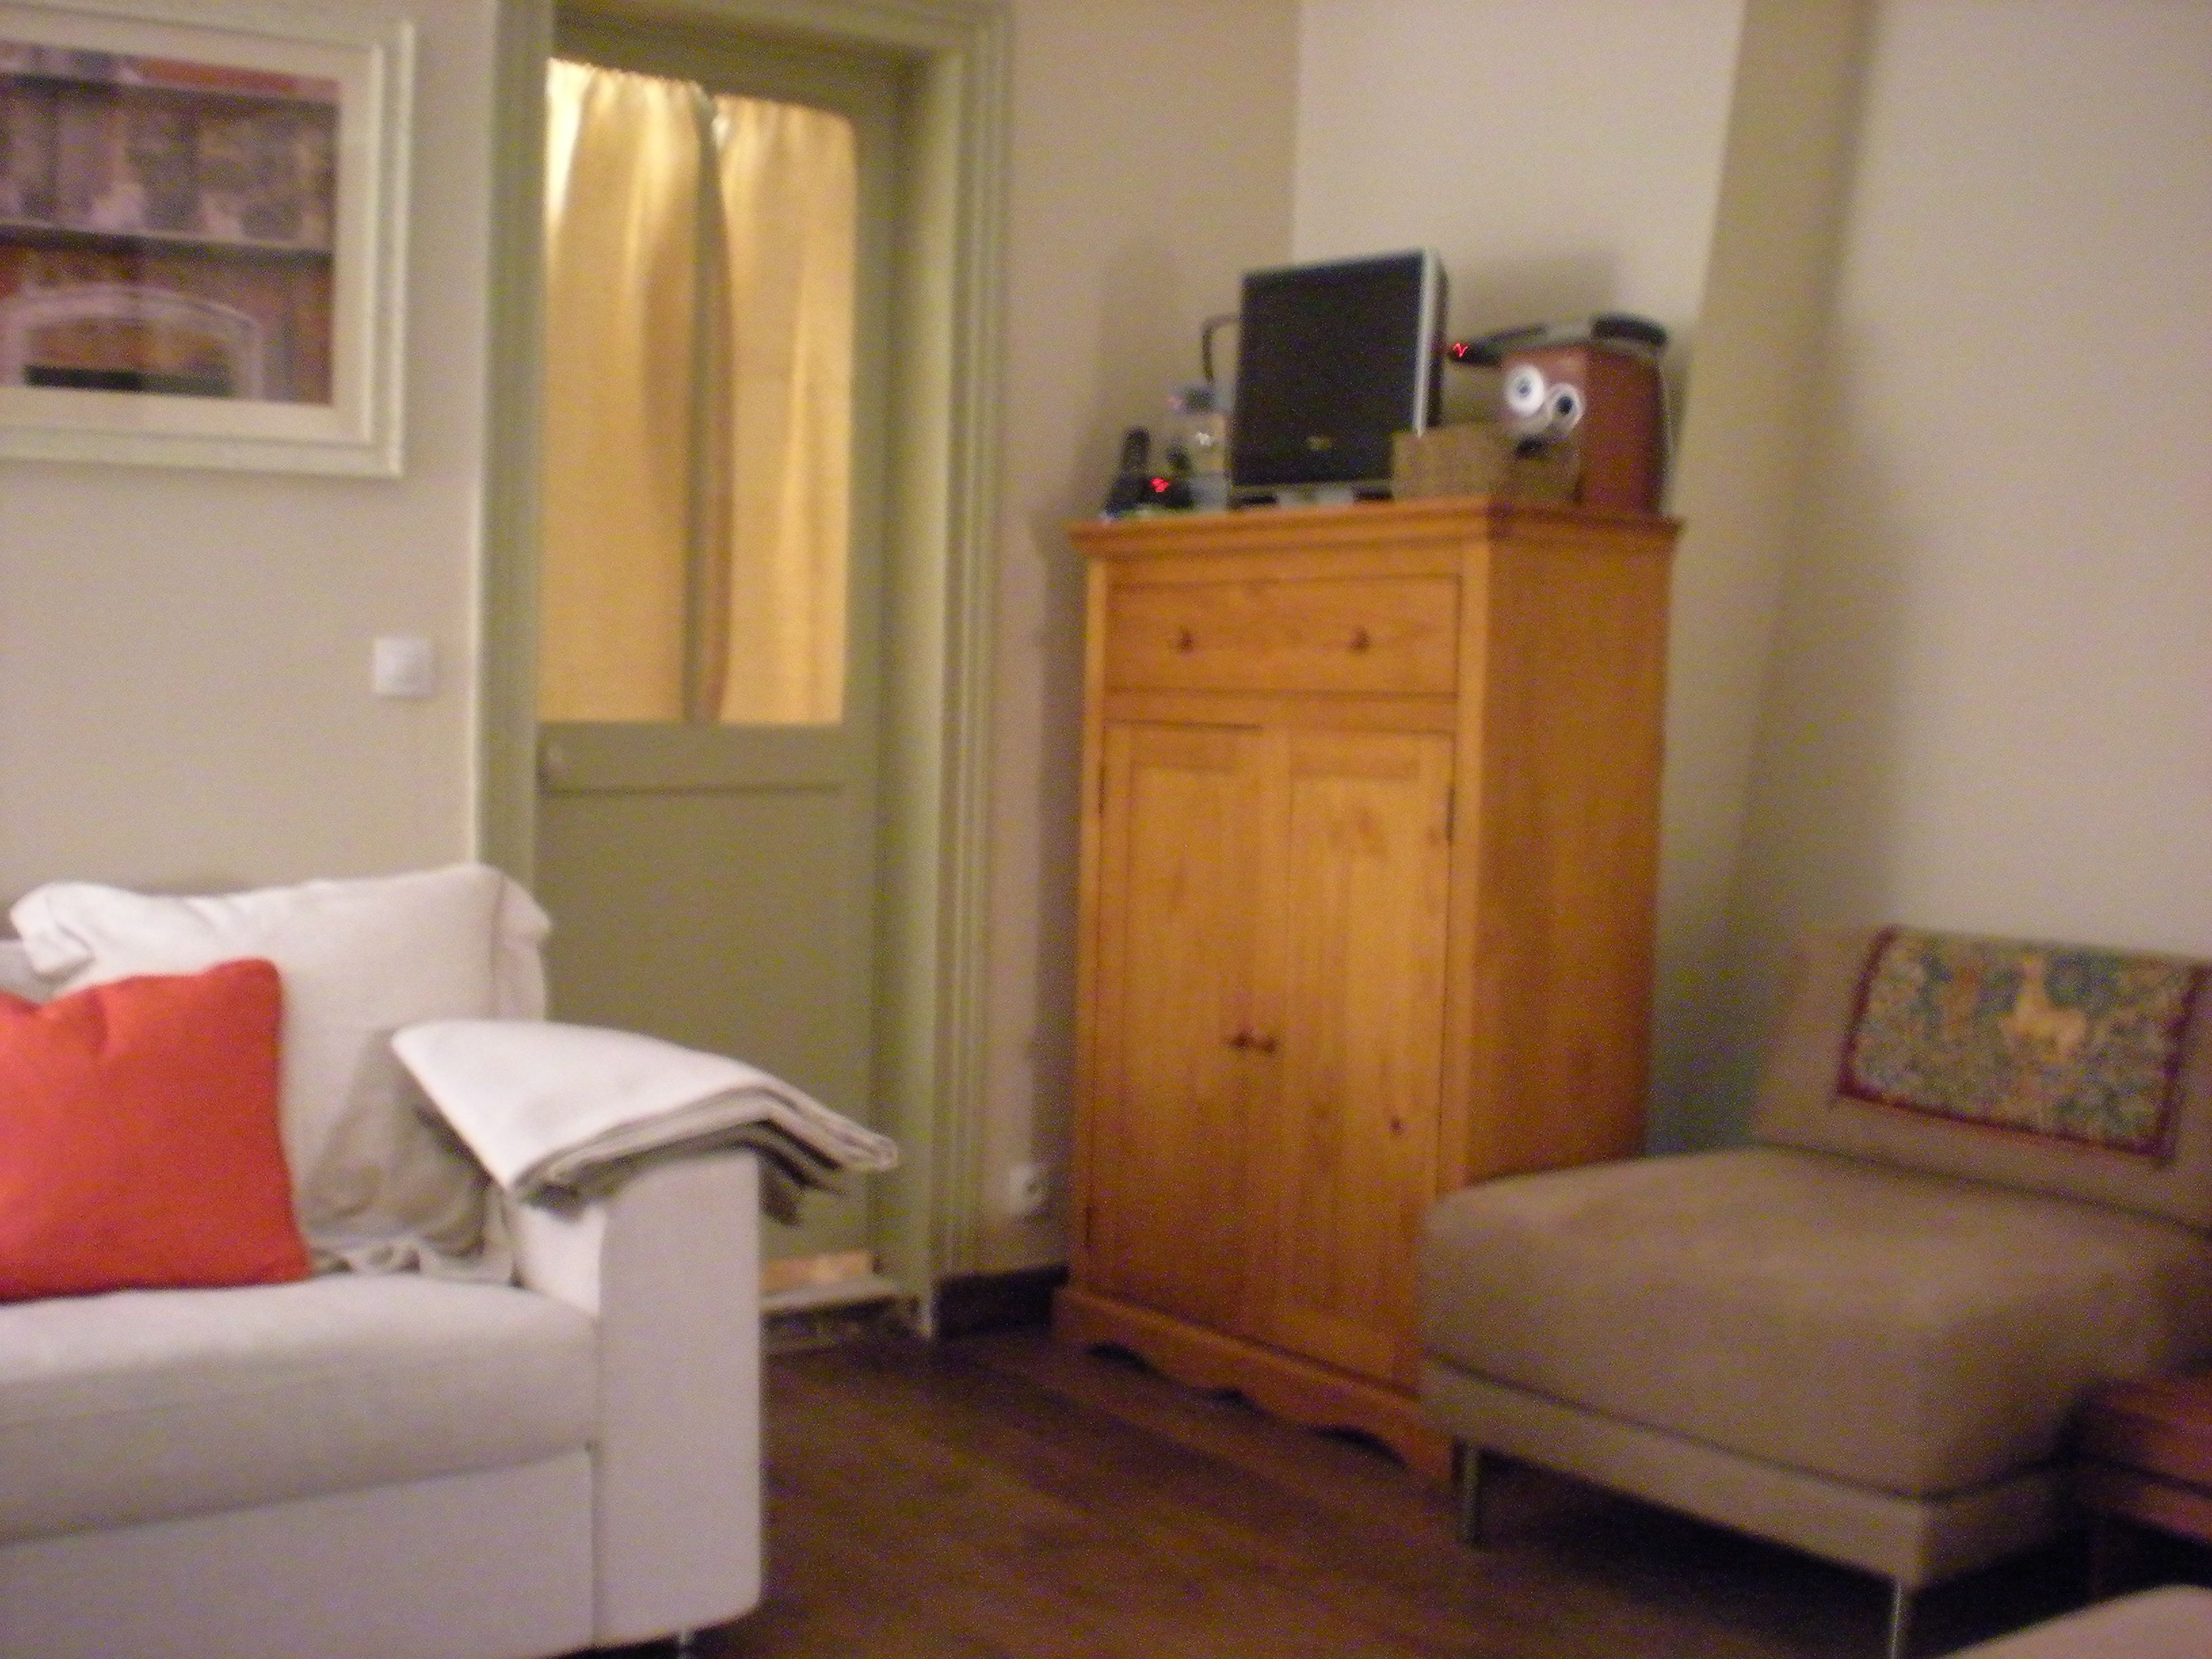 Living room - door to the bedroom